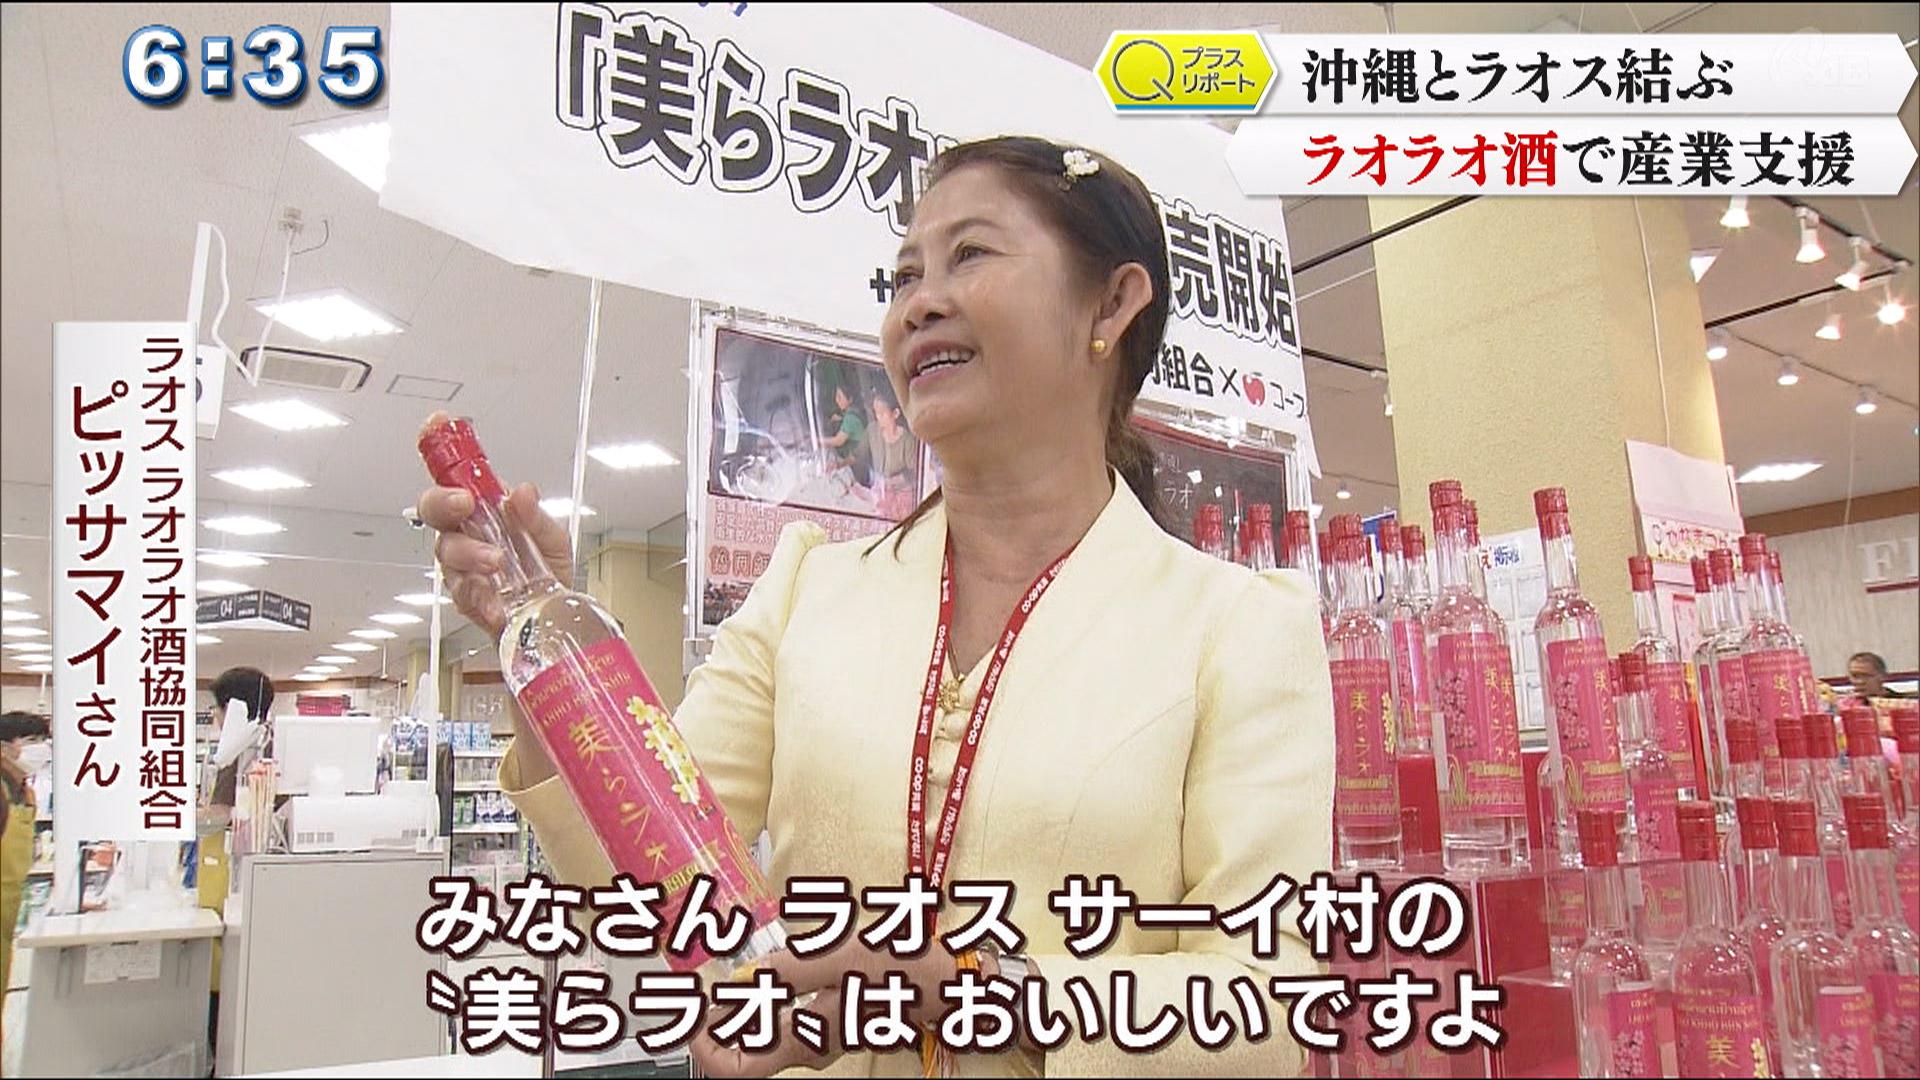 沖縄とラオス結ぶ ラオラオ酒